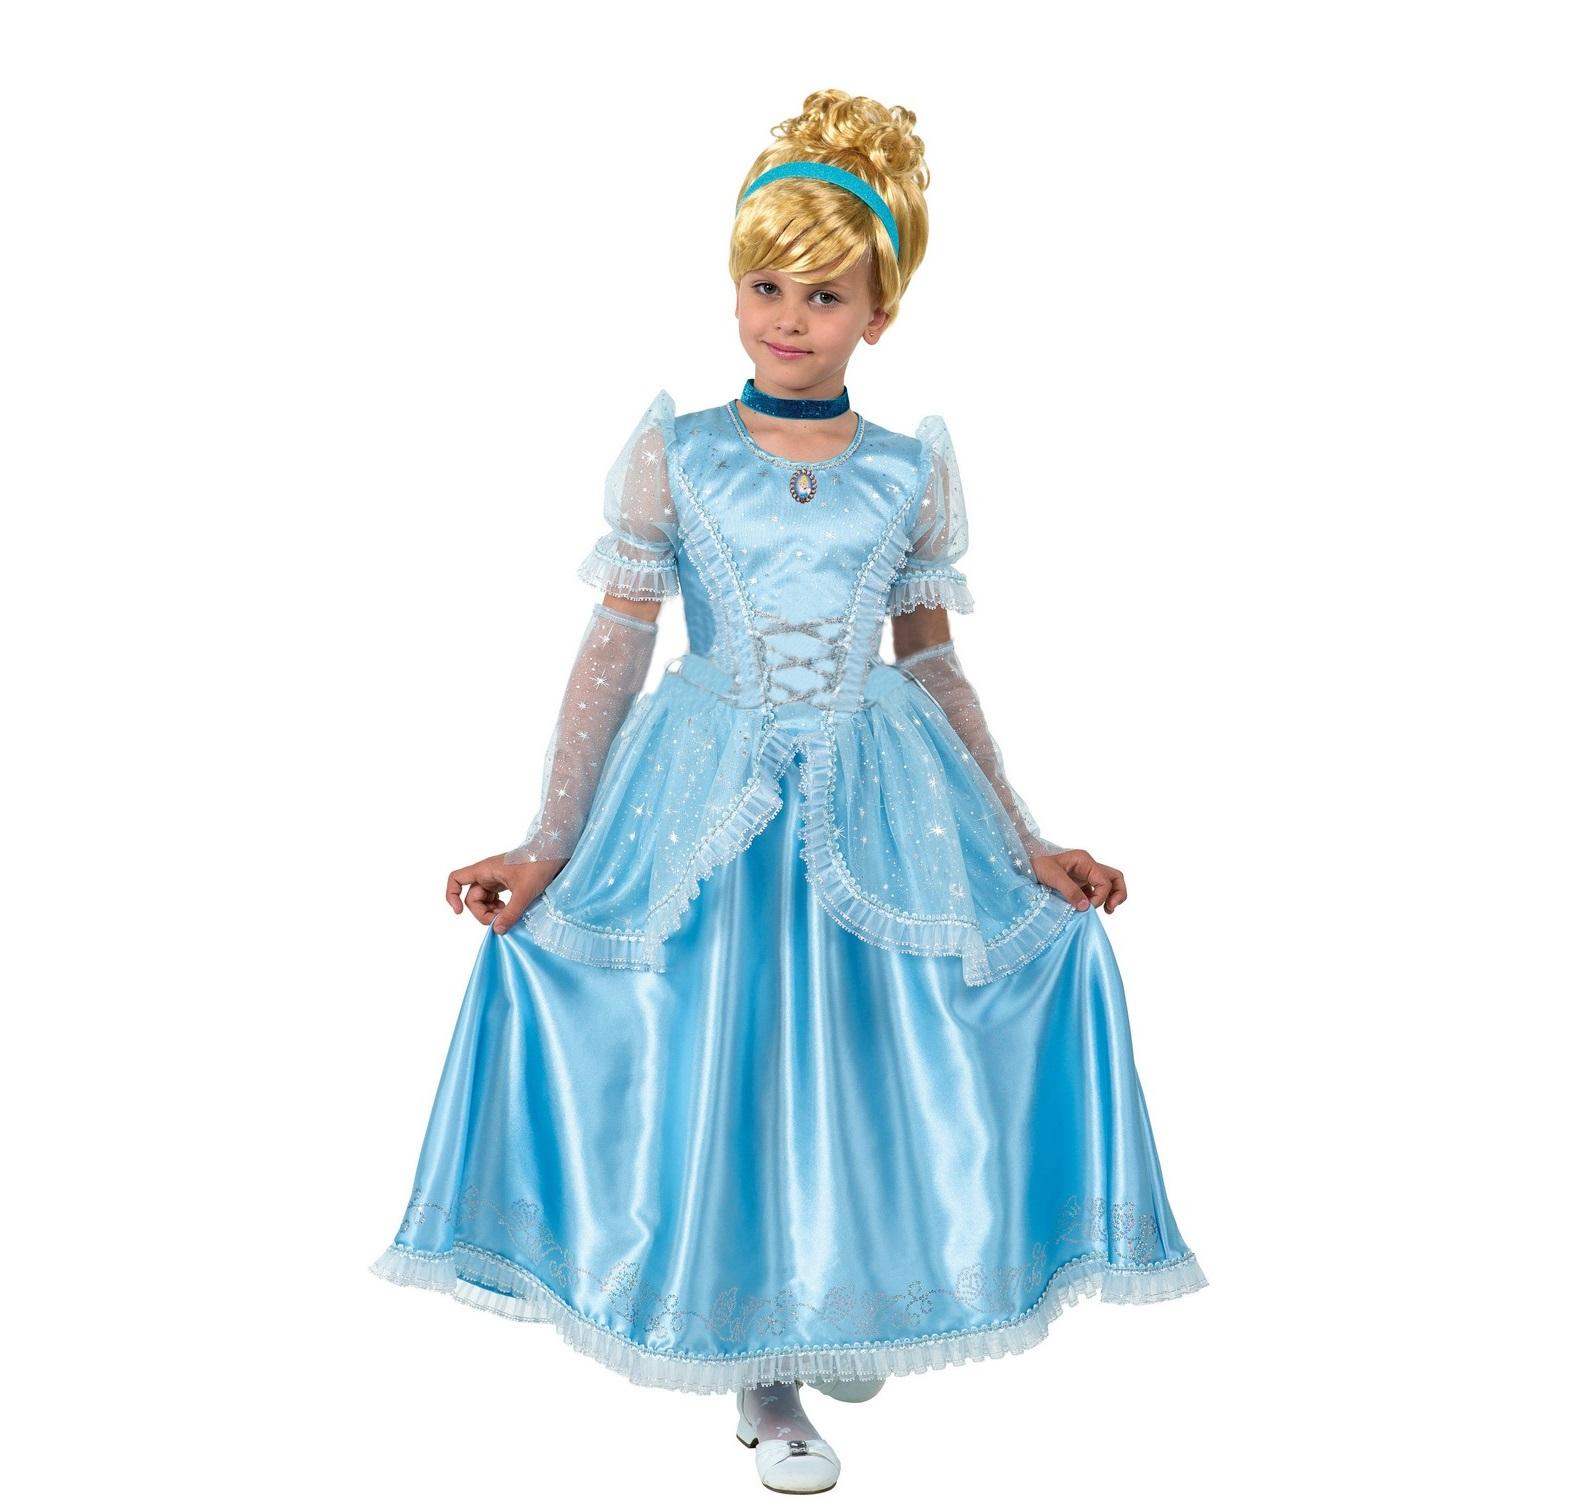 Карнавальный костюм Дисней – Принцесса Золушка, размер 28 фото